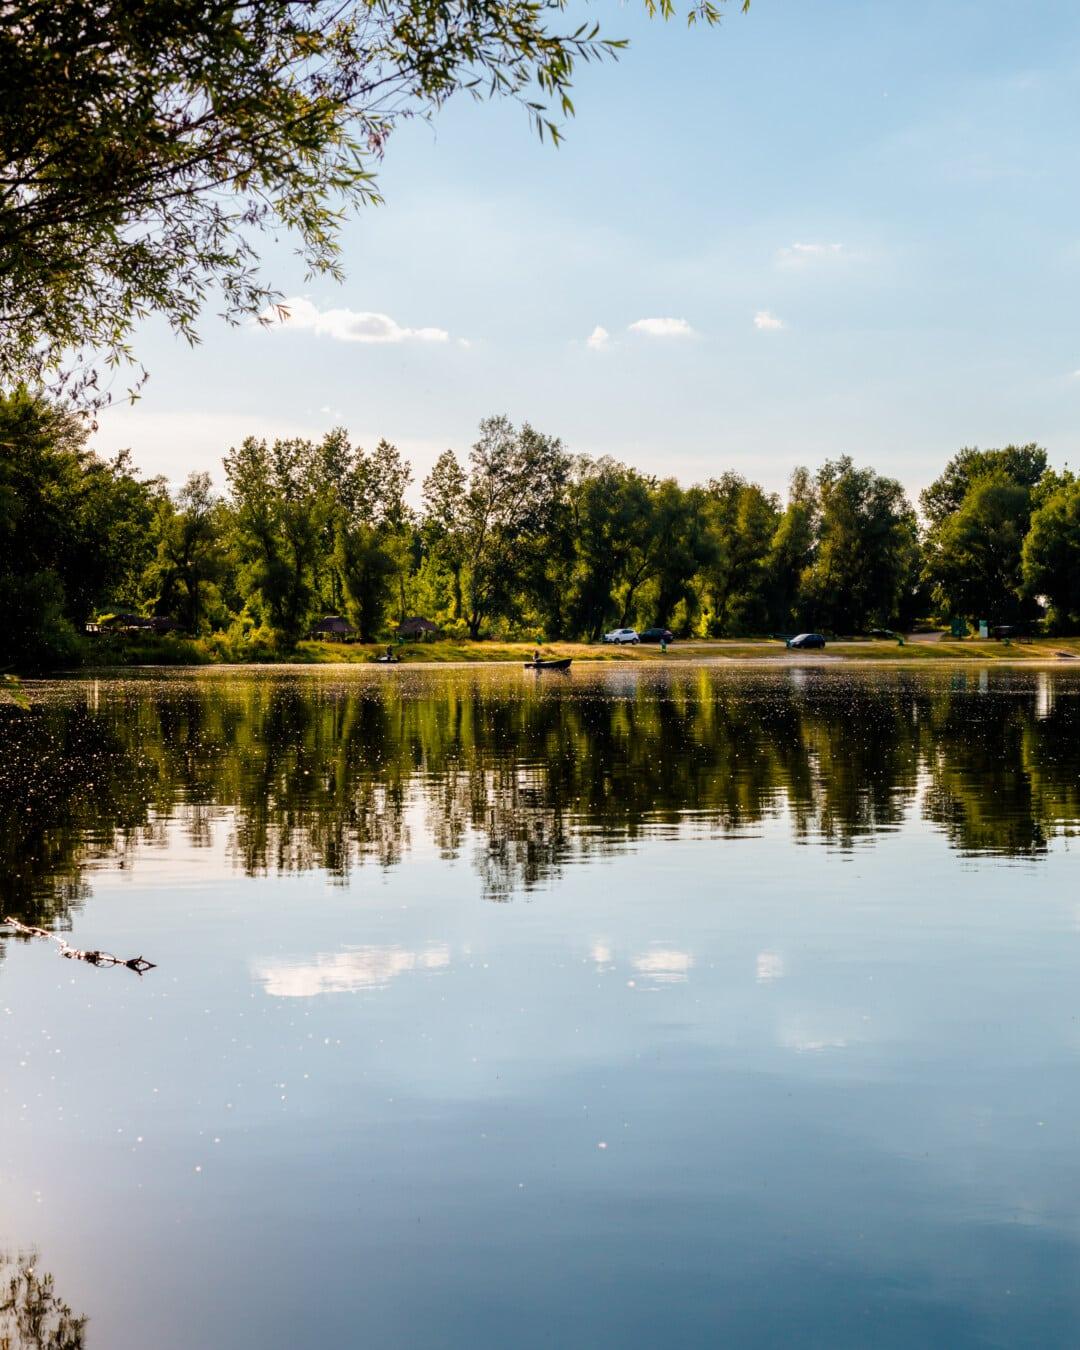 heijastus, puu, Shore, järven puolella, vesi, järvi, maisema, puu, luonto, peili